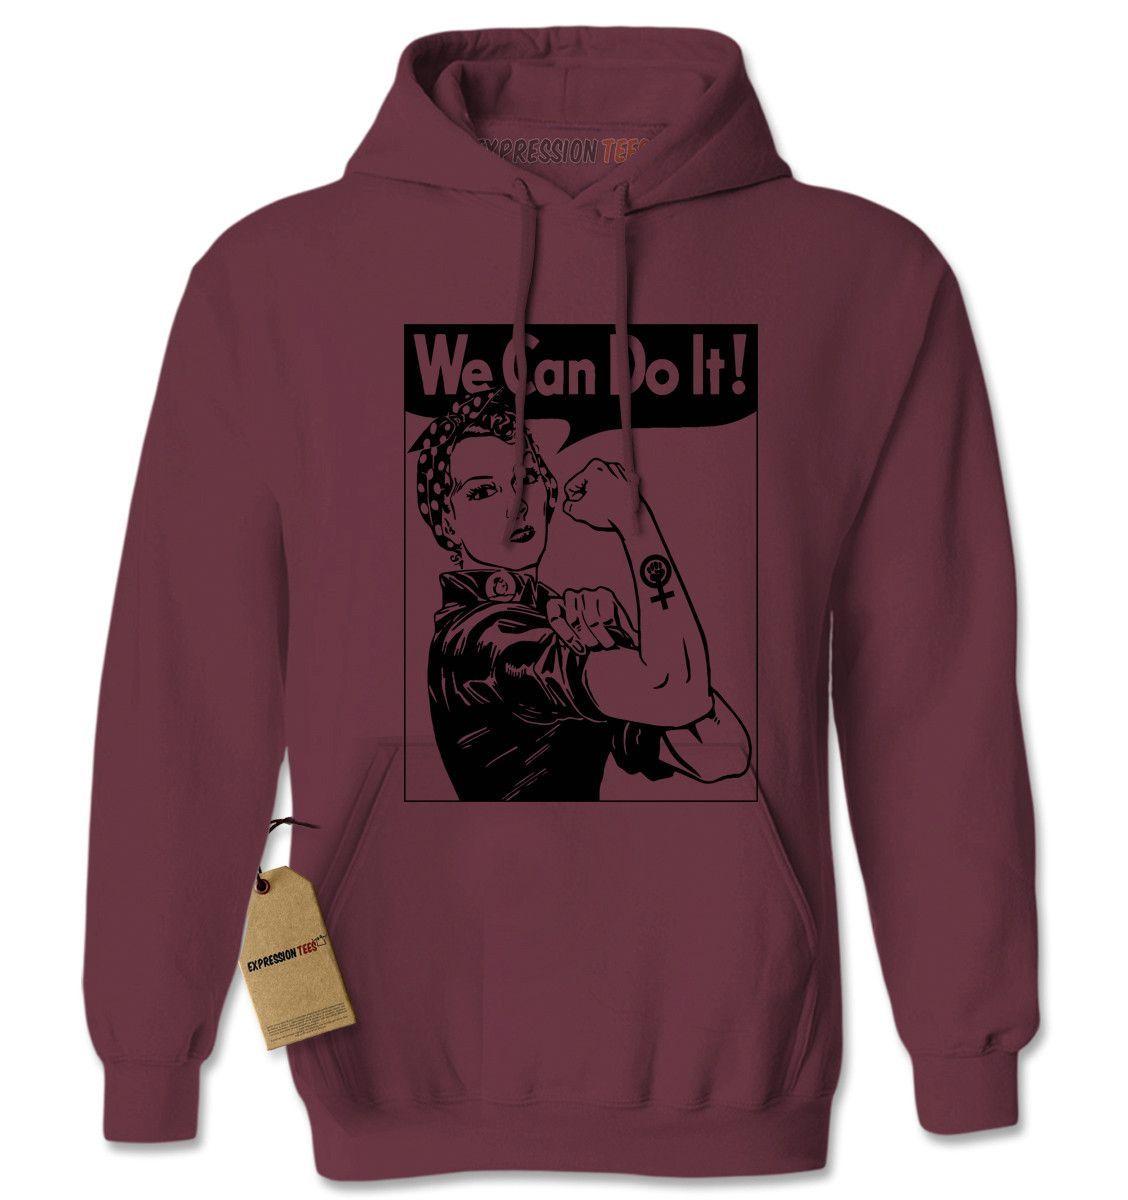 Rosie The Riveter Adult Hoodie Sweatshirt